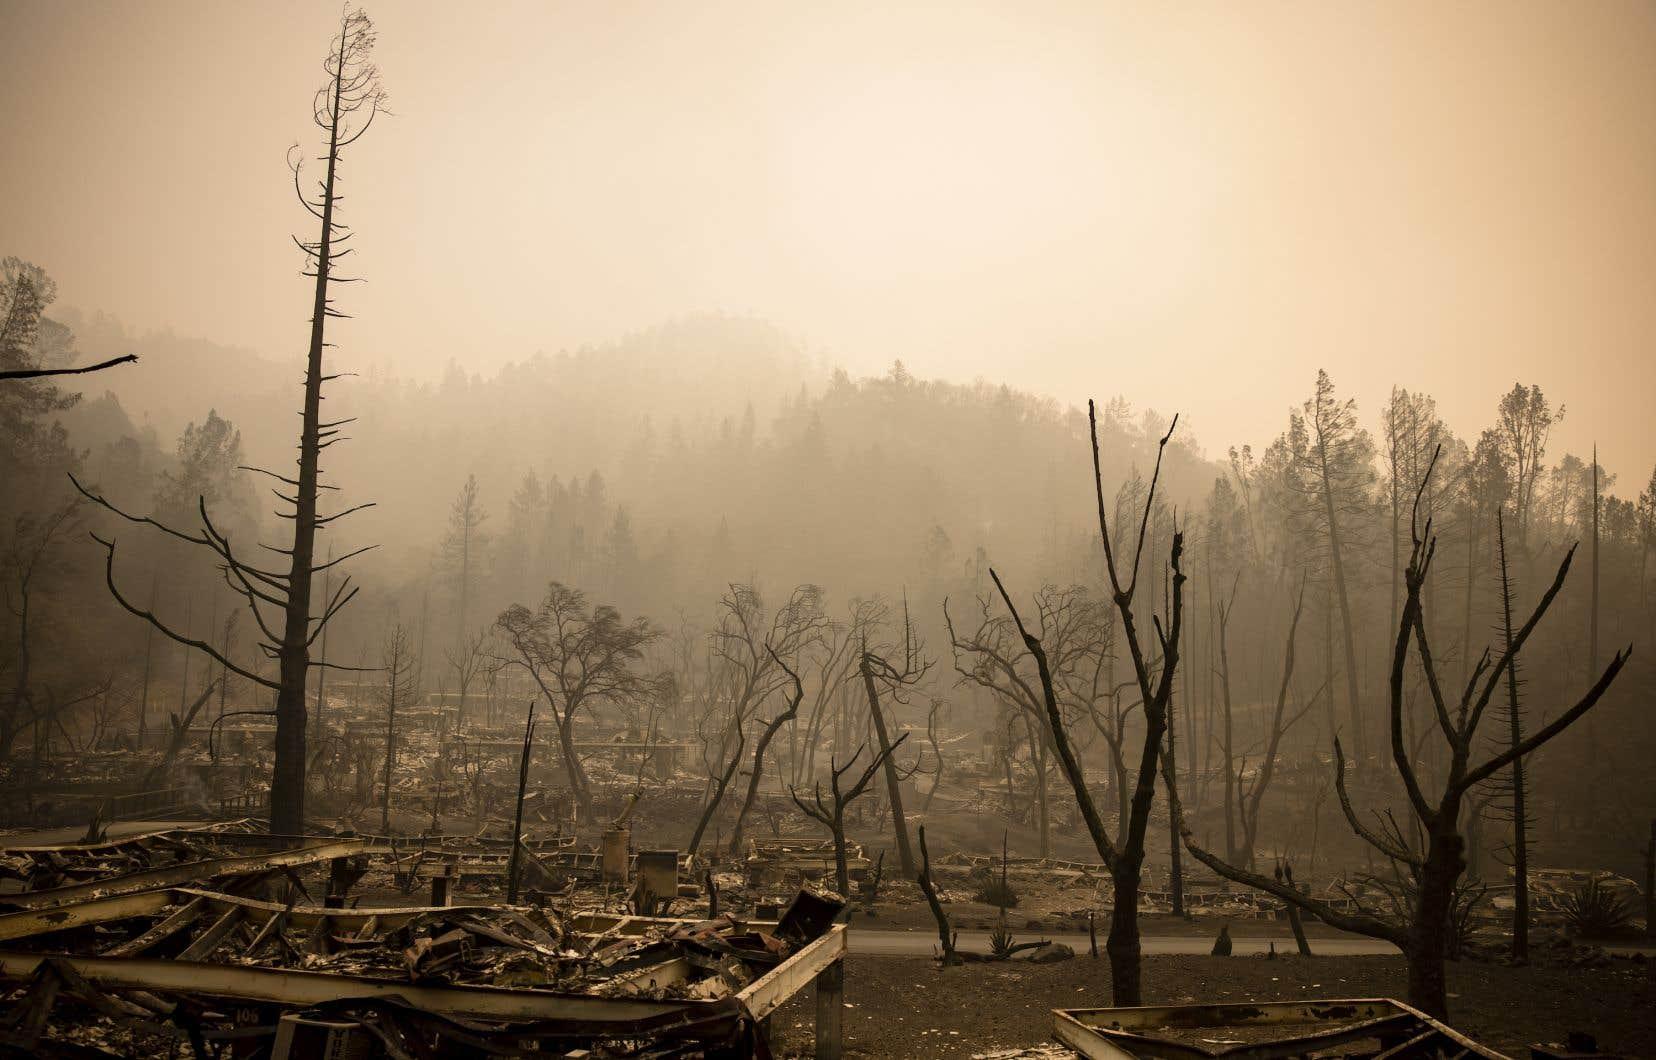 Le GIEC prévient que les événements climatiques extrêmes, comme les feux qui ont frappé récemment la Californie, devraient se multiplier au cours des prochaines années.